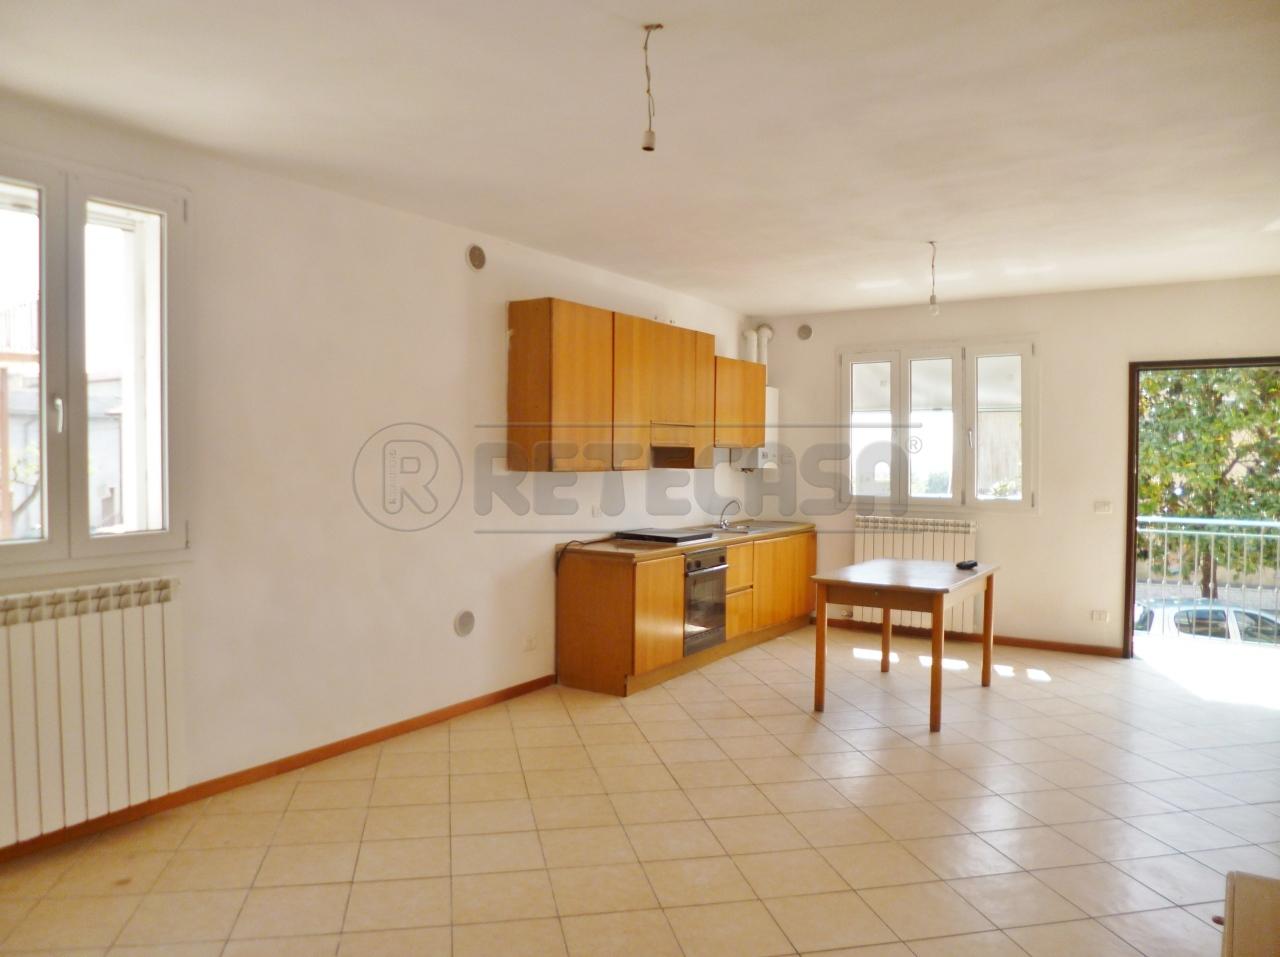 Soluzione Semindipendente in vendita a Roncà, 5 locali, prezzo € 77.000 | Cambio Casa.it